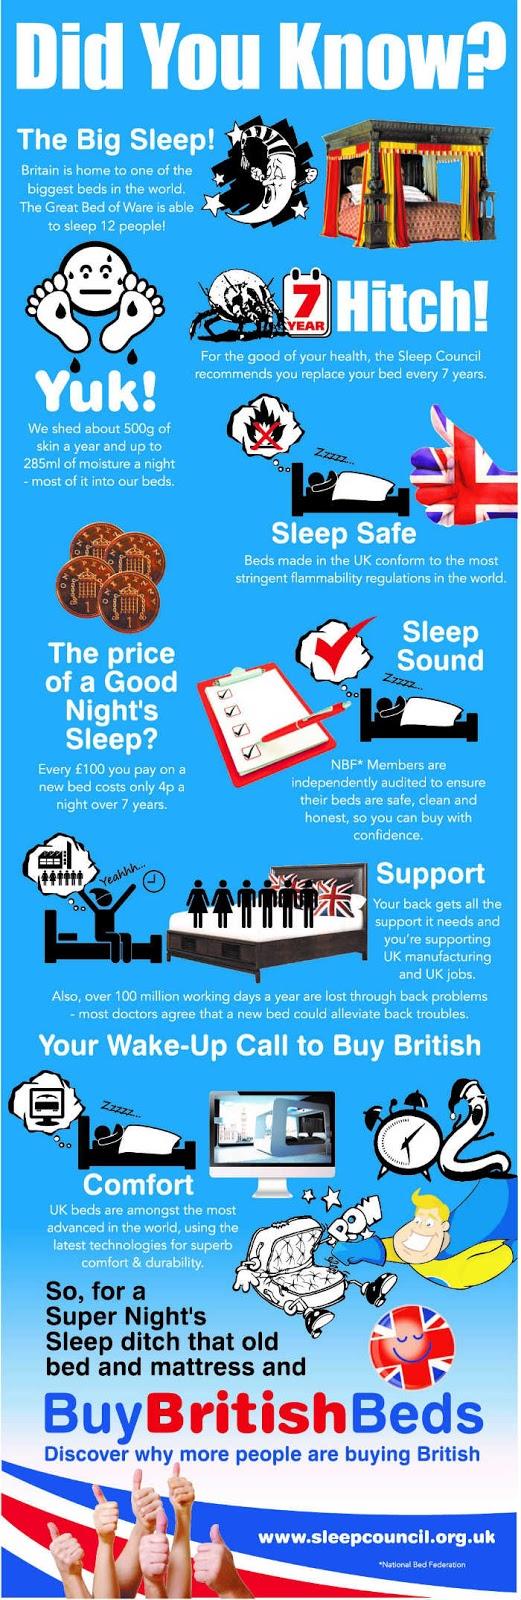 Buy British Beds